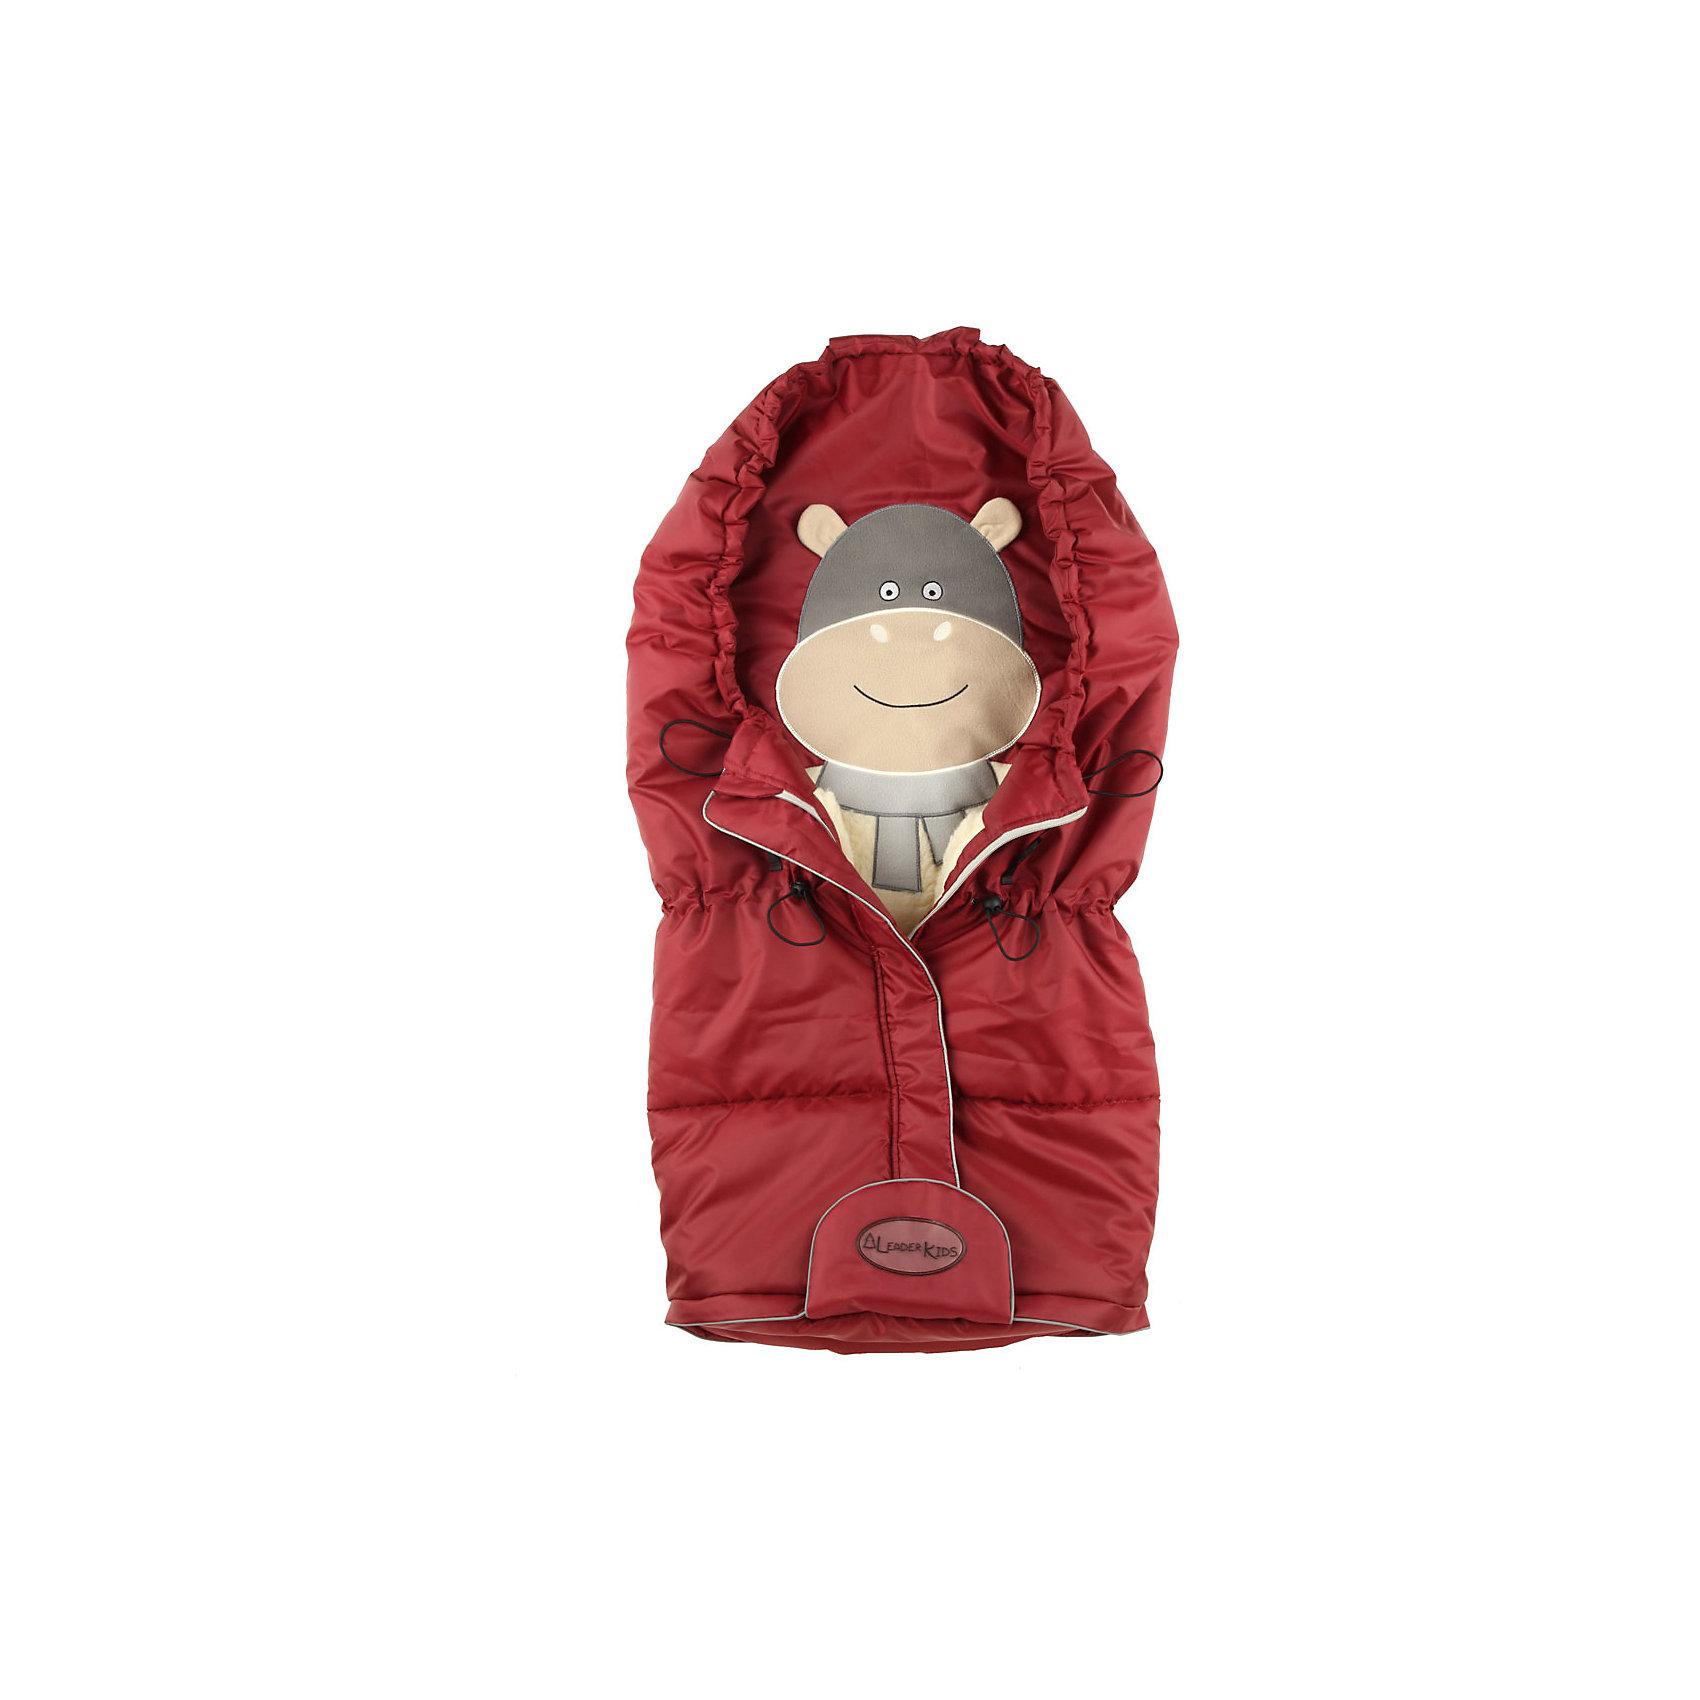 Конверт на овчине Бегемот, Leader kids, бордовыйХарактеристики:<br><br>• Вид детской одежды: верхняя<br>• Предназначение: для прогулок, на выписку<br>• Возраст: от 0 до 6 месяцев<br>• Сезон: зима<br>• Степень утепления конверта: высокая<br>• Температурный режим: до -30? С<br>• Пол: для девочки<br>• Тематика рисунка: бегемот<br>• Цвет: бордовый, серый, бежевый <br>• Материал: верх – полиэстер, подклад – натуральная овчина <br>• Форма конверта: мешок<br>• Нижняя часть конверта регулируется по росту малыша <br>• По центру имеется застежка-молния<br>• Трансформируемый капюшон<br>• Размеры (Ш*Д): 44*84 см<br>• Вес: 1 кг 100 г <br>• Особенности ухода: допускается деликатная стирка без использования красящих и отбеливающих средств<br><br>Конверт на овчине Бегемот, Leader kids, бордовый производителем которого является отечественный торговый бренд, выполнен классической прямоугольной формы с трансформируемым капюшоном. Конверт предназначен для прогулок в зимнее время года в коляске или в коляске-санках. Верхняя часть изделия изготовлена из полиэстера (плащевки), который хорошо защищает от влаги и ветра, при этом поддерживая комфортную температуру внутри конверта. В качестве утеплителя использован синтепон и подклад из натуральной овчины. Все материалы соответствуют международным стандартам безопасности, они гипоаллергенны. Швы изделия тщательно обработаны. У конверта предусмотрена комфортная система одевания: на передней части по центру имеется застежка молния и нижний клапан. Конверт может быть трансформирован в одеяло или матрасик. Изделие оснащено системой фиксации к коляске или санкам, что обеспечит безопасность и будет препятствовать скатыванию малыша во время прогулки. Конверт выполнен в стильном дизайне: на внутренней части изделия выполнена аппликация в виде веселого бегемотика. Конверт на овчине Бегемот, Leader kids, бордовый – это качество и комфорт для Вашего малыша!<br><br>Конверт на овчине Бегемот, Leader kids, бордовый можно купить в нашем интернет-магазине.<b